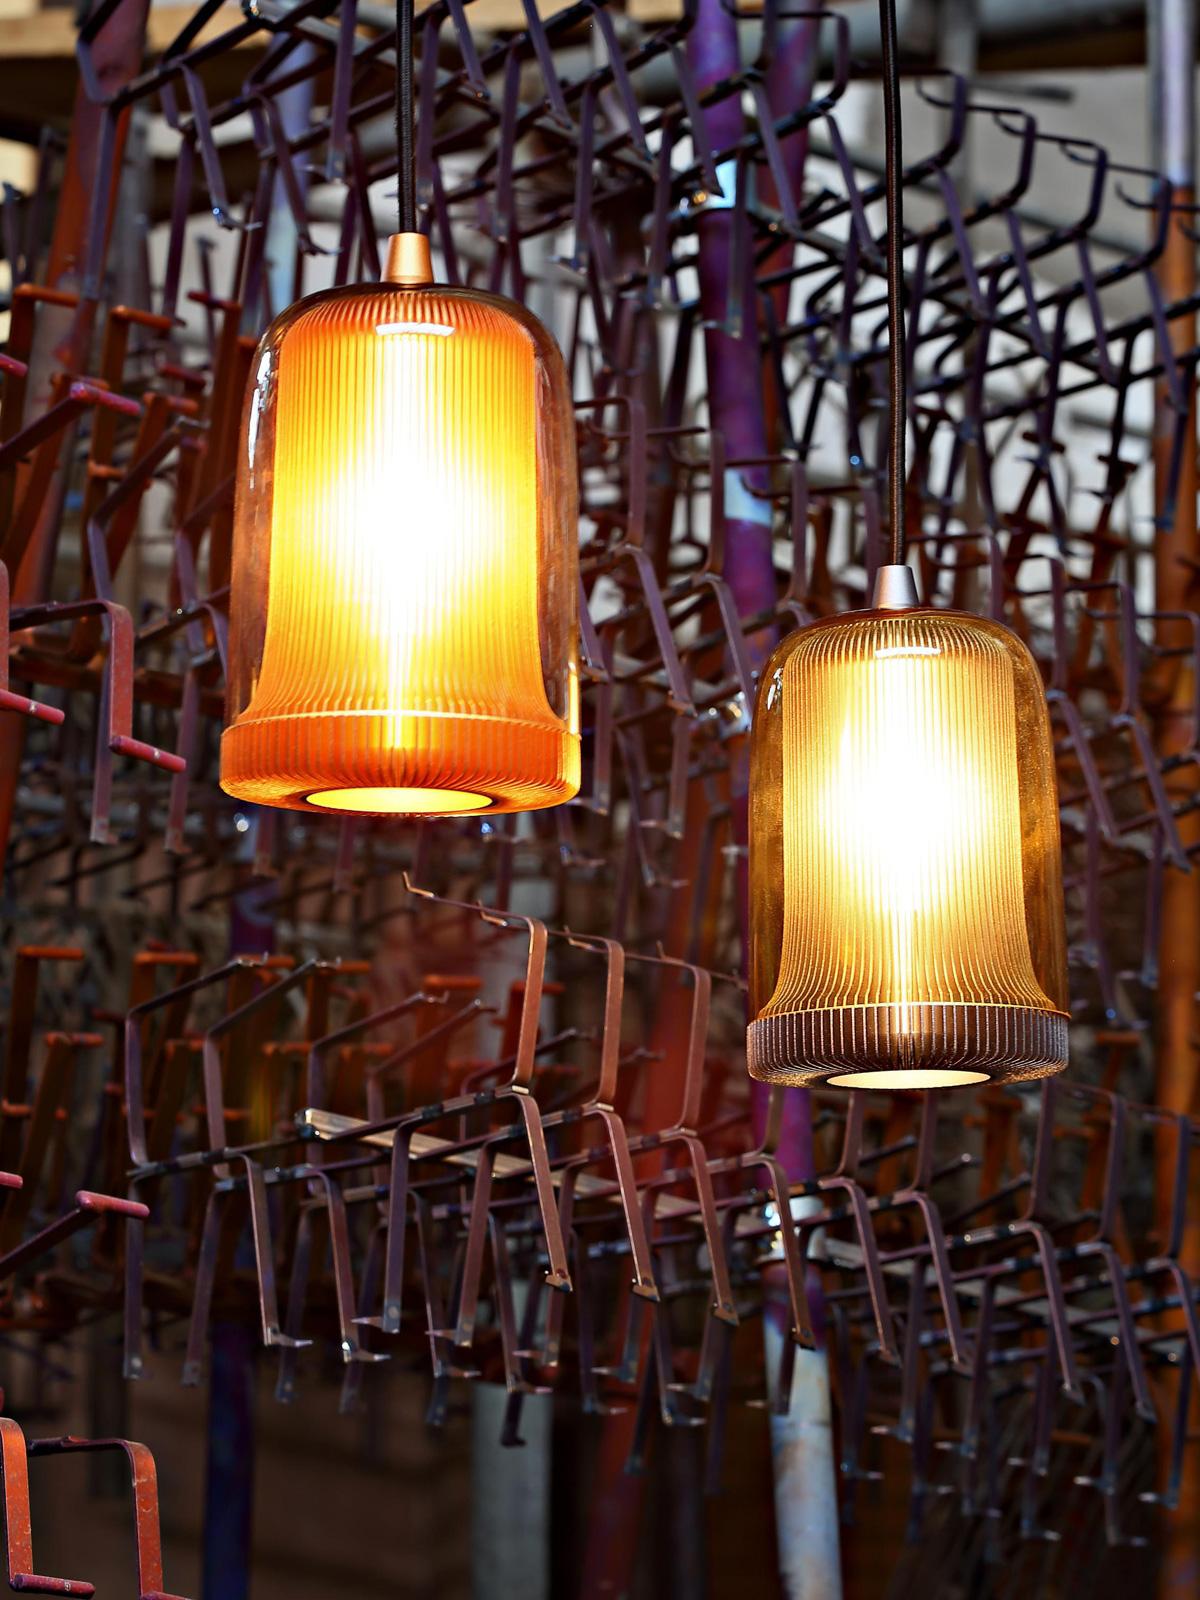 Dub Pendant eoq Fabrik Hongkong by Michael Young